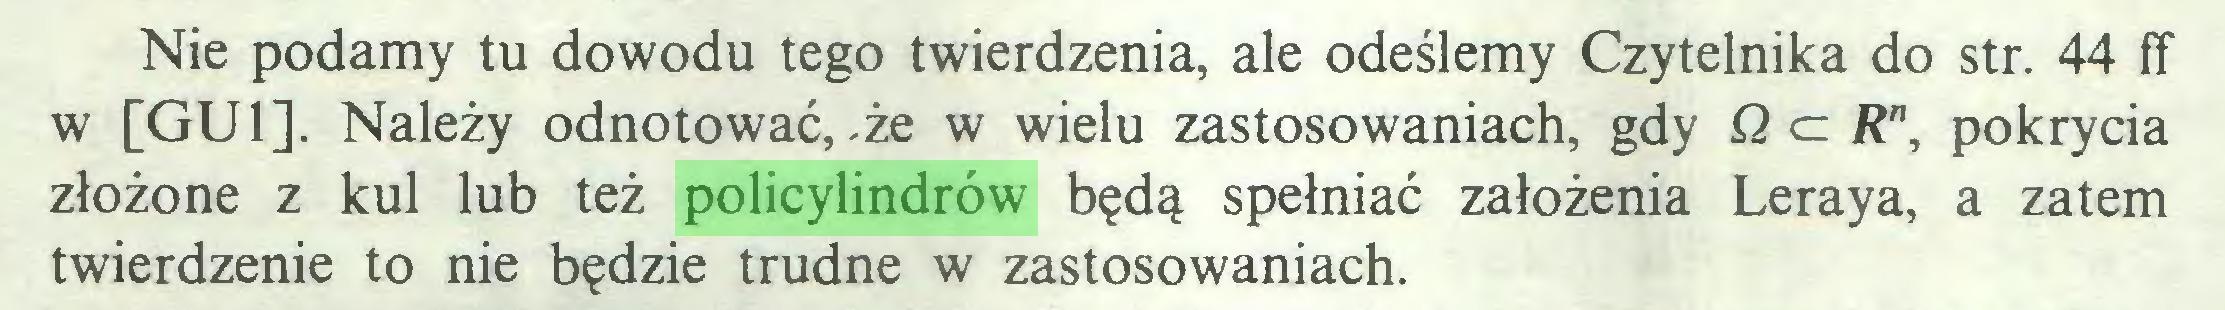 (...) Nie podamy tu dowodu tego twierdzenia, ale odeślemy Czytelnika do str. 44 fT w [GUI], Należy odnotować, .że w wielu zastosowaniach, gdy Q a Rn, pokrycia złożone z kul lub też policylindrów będą spełniać założenia Leraya, a zatem twierdzenie to nie będzie trudne w zastosowaniach...